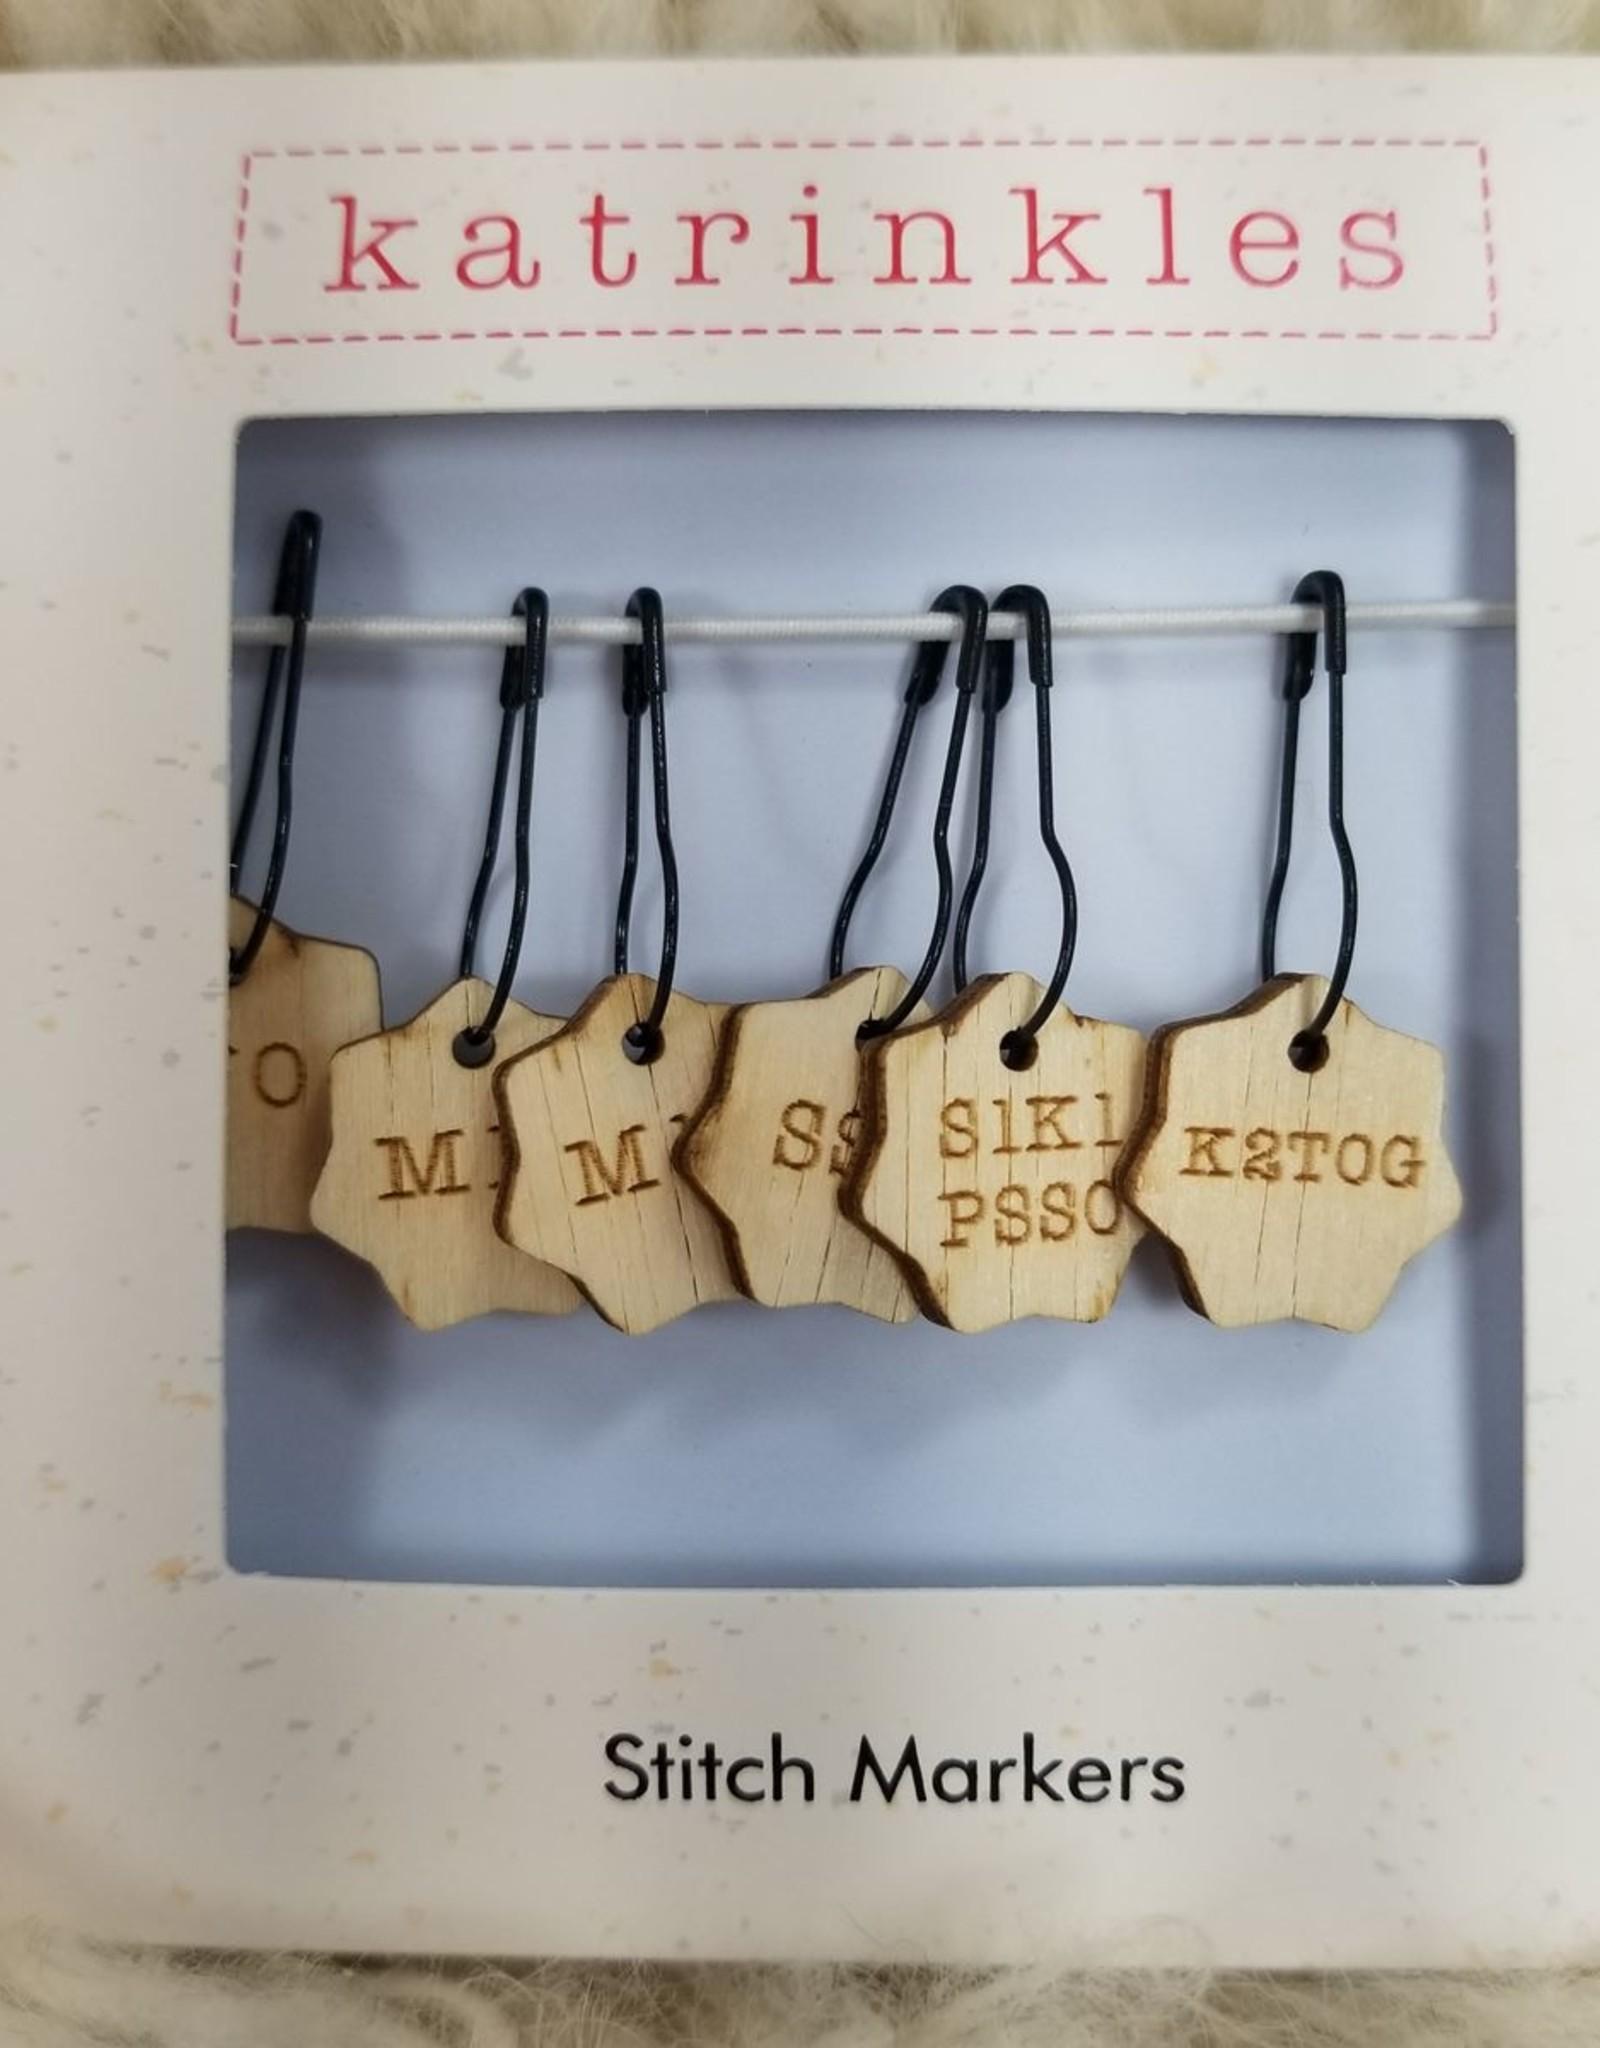 Palouse Yarn Co ssk-m1r Stitch Markers